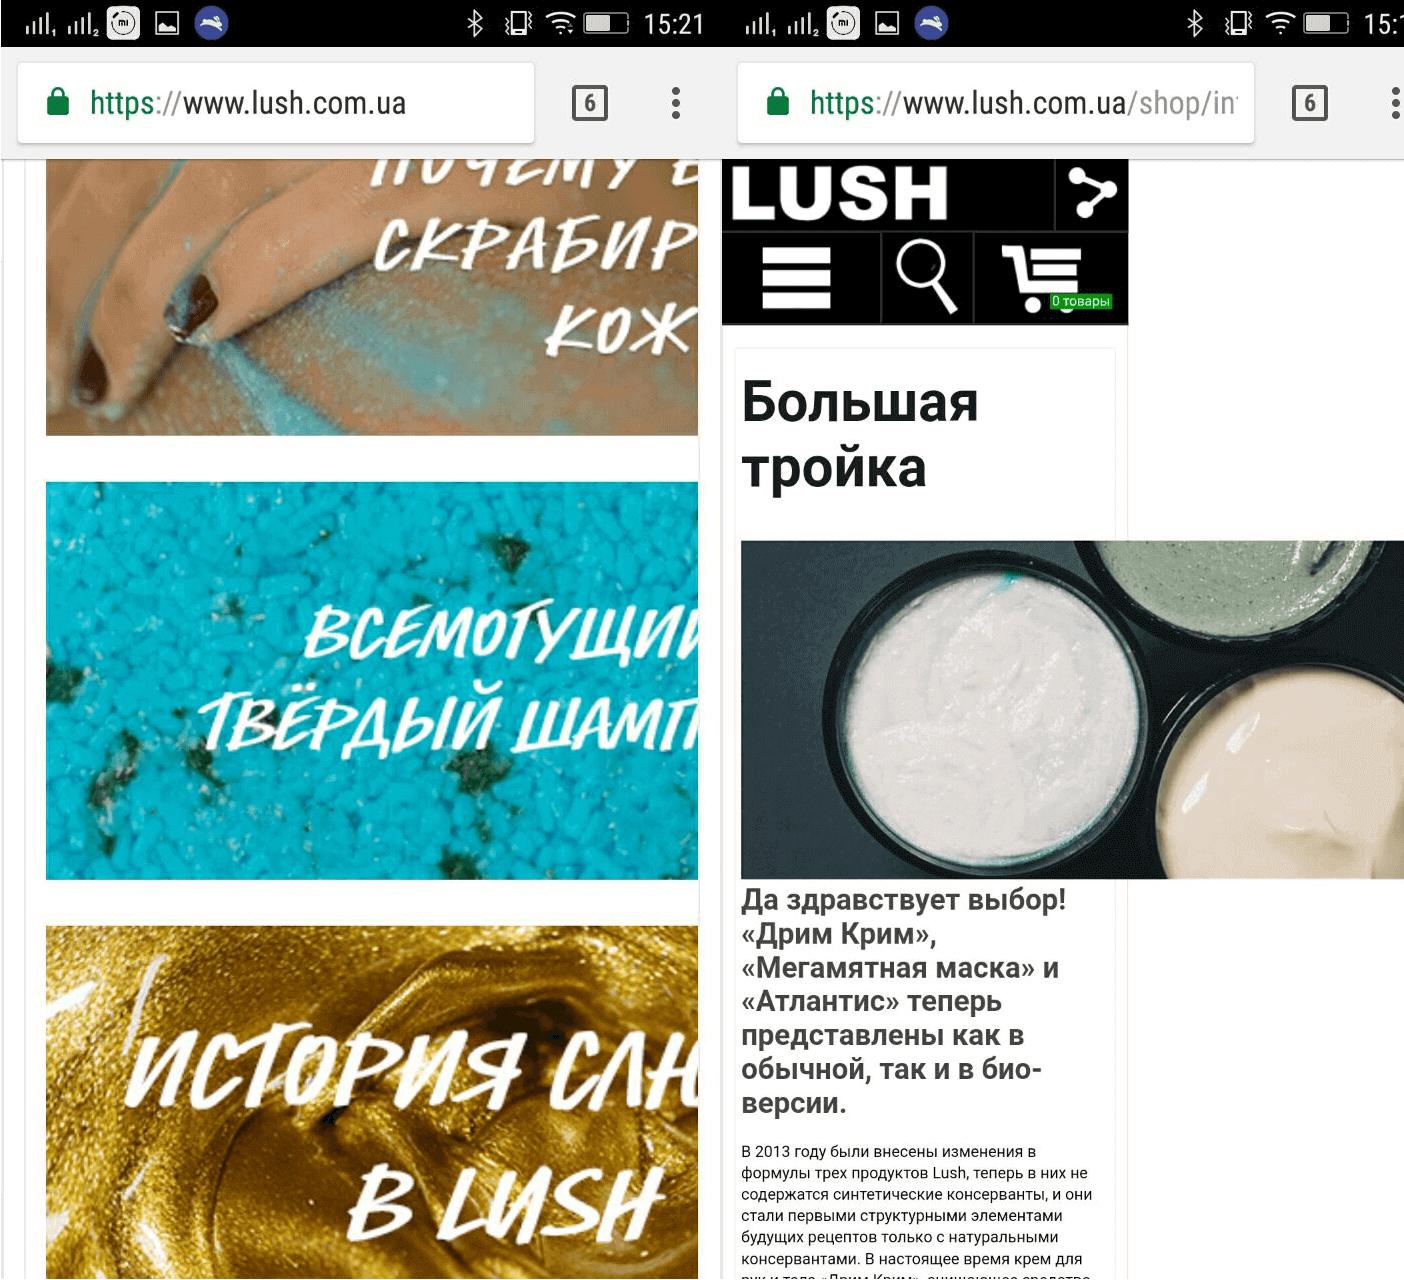 Мобильная версия сайта бренда Lush